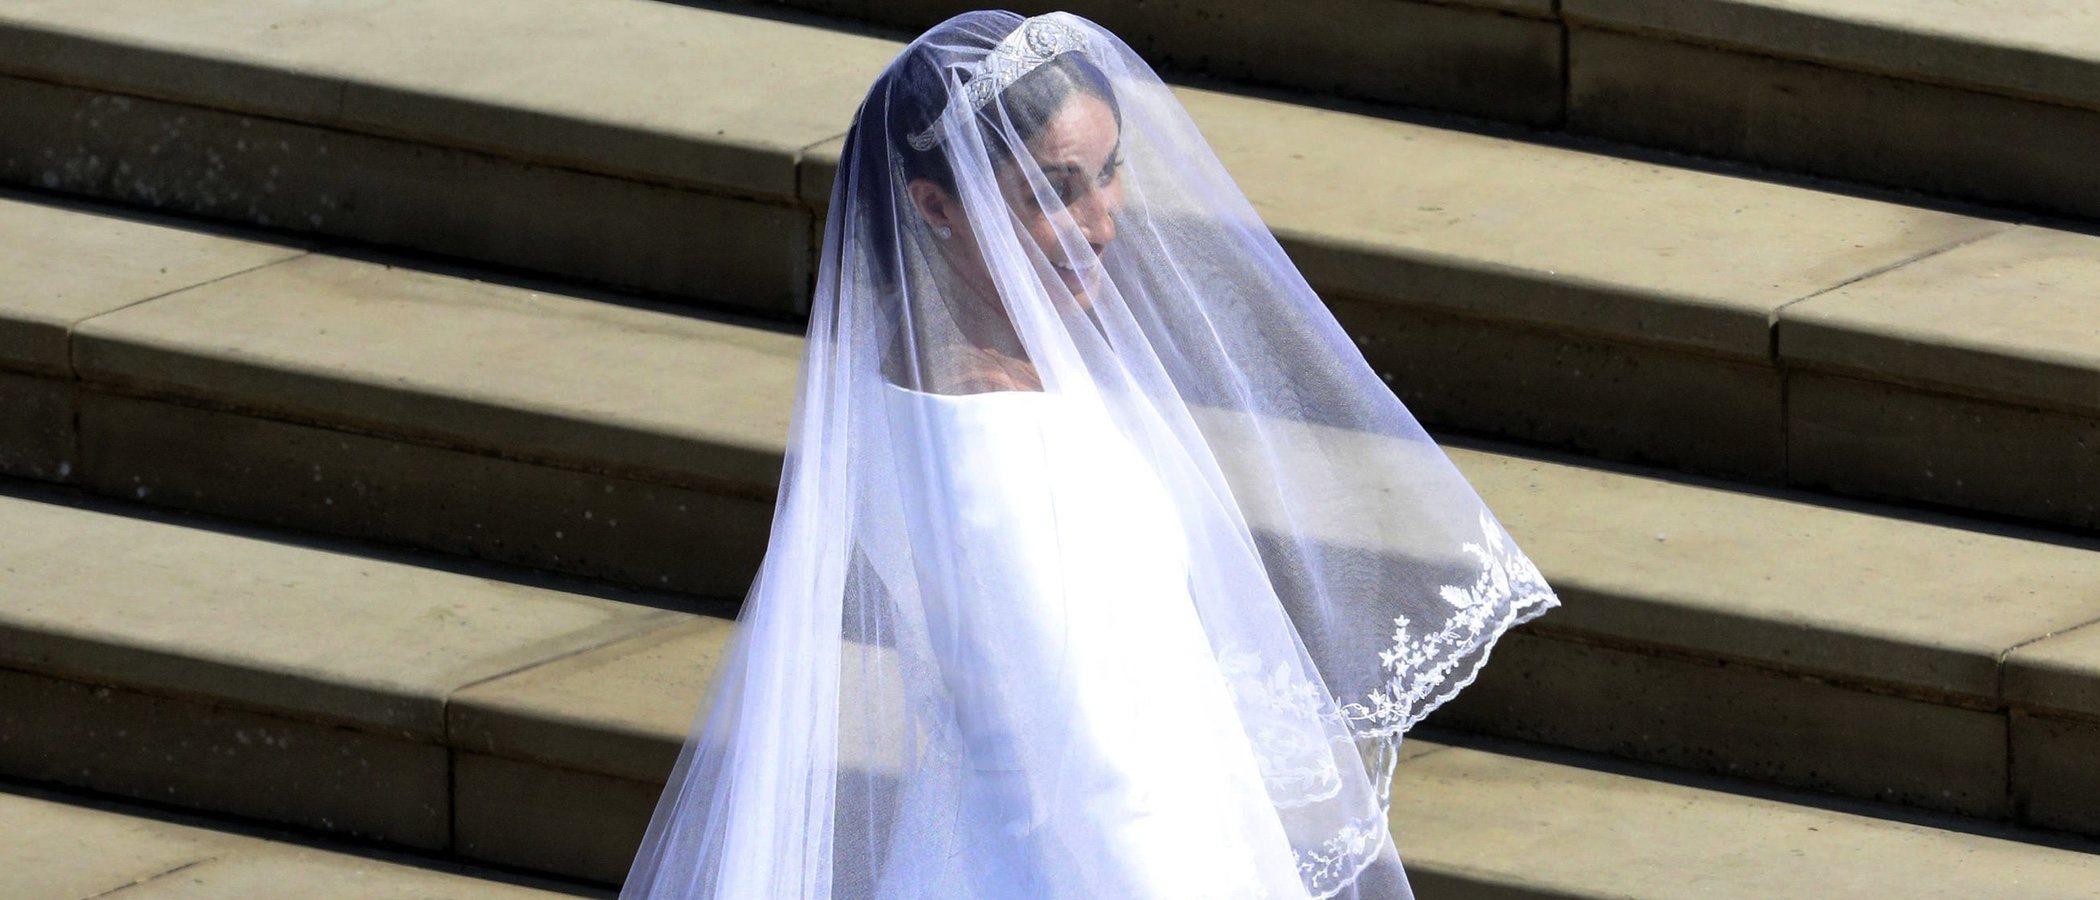 El vestido de novia de Meghan Markle se envuelve en polémica por acusaciones de plagio